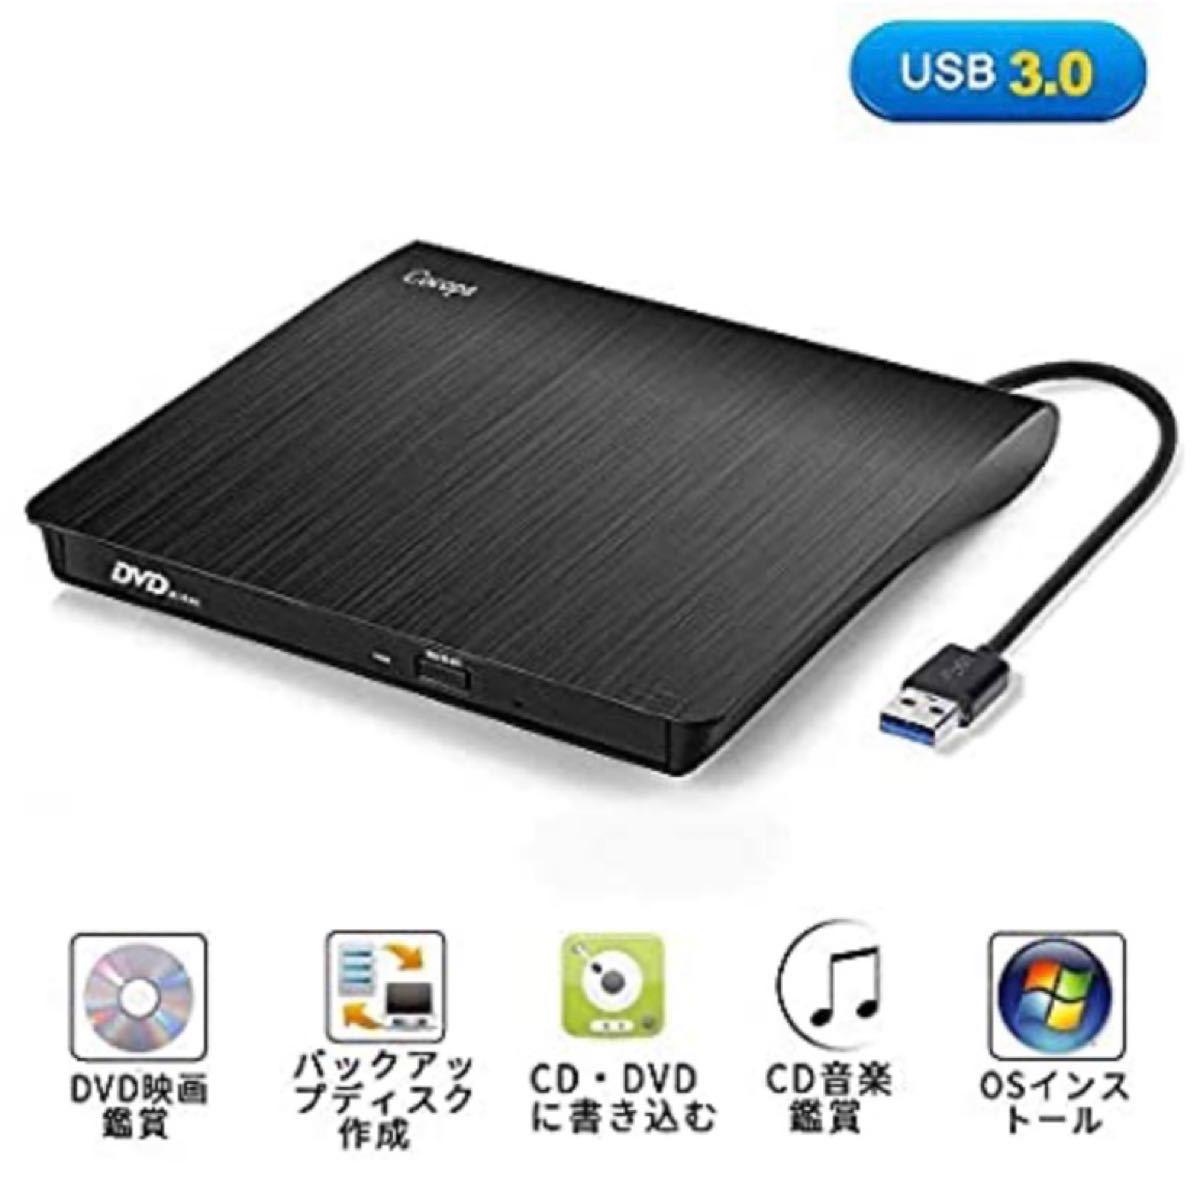 USB 3.0外付け DVD ドライブ